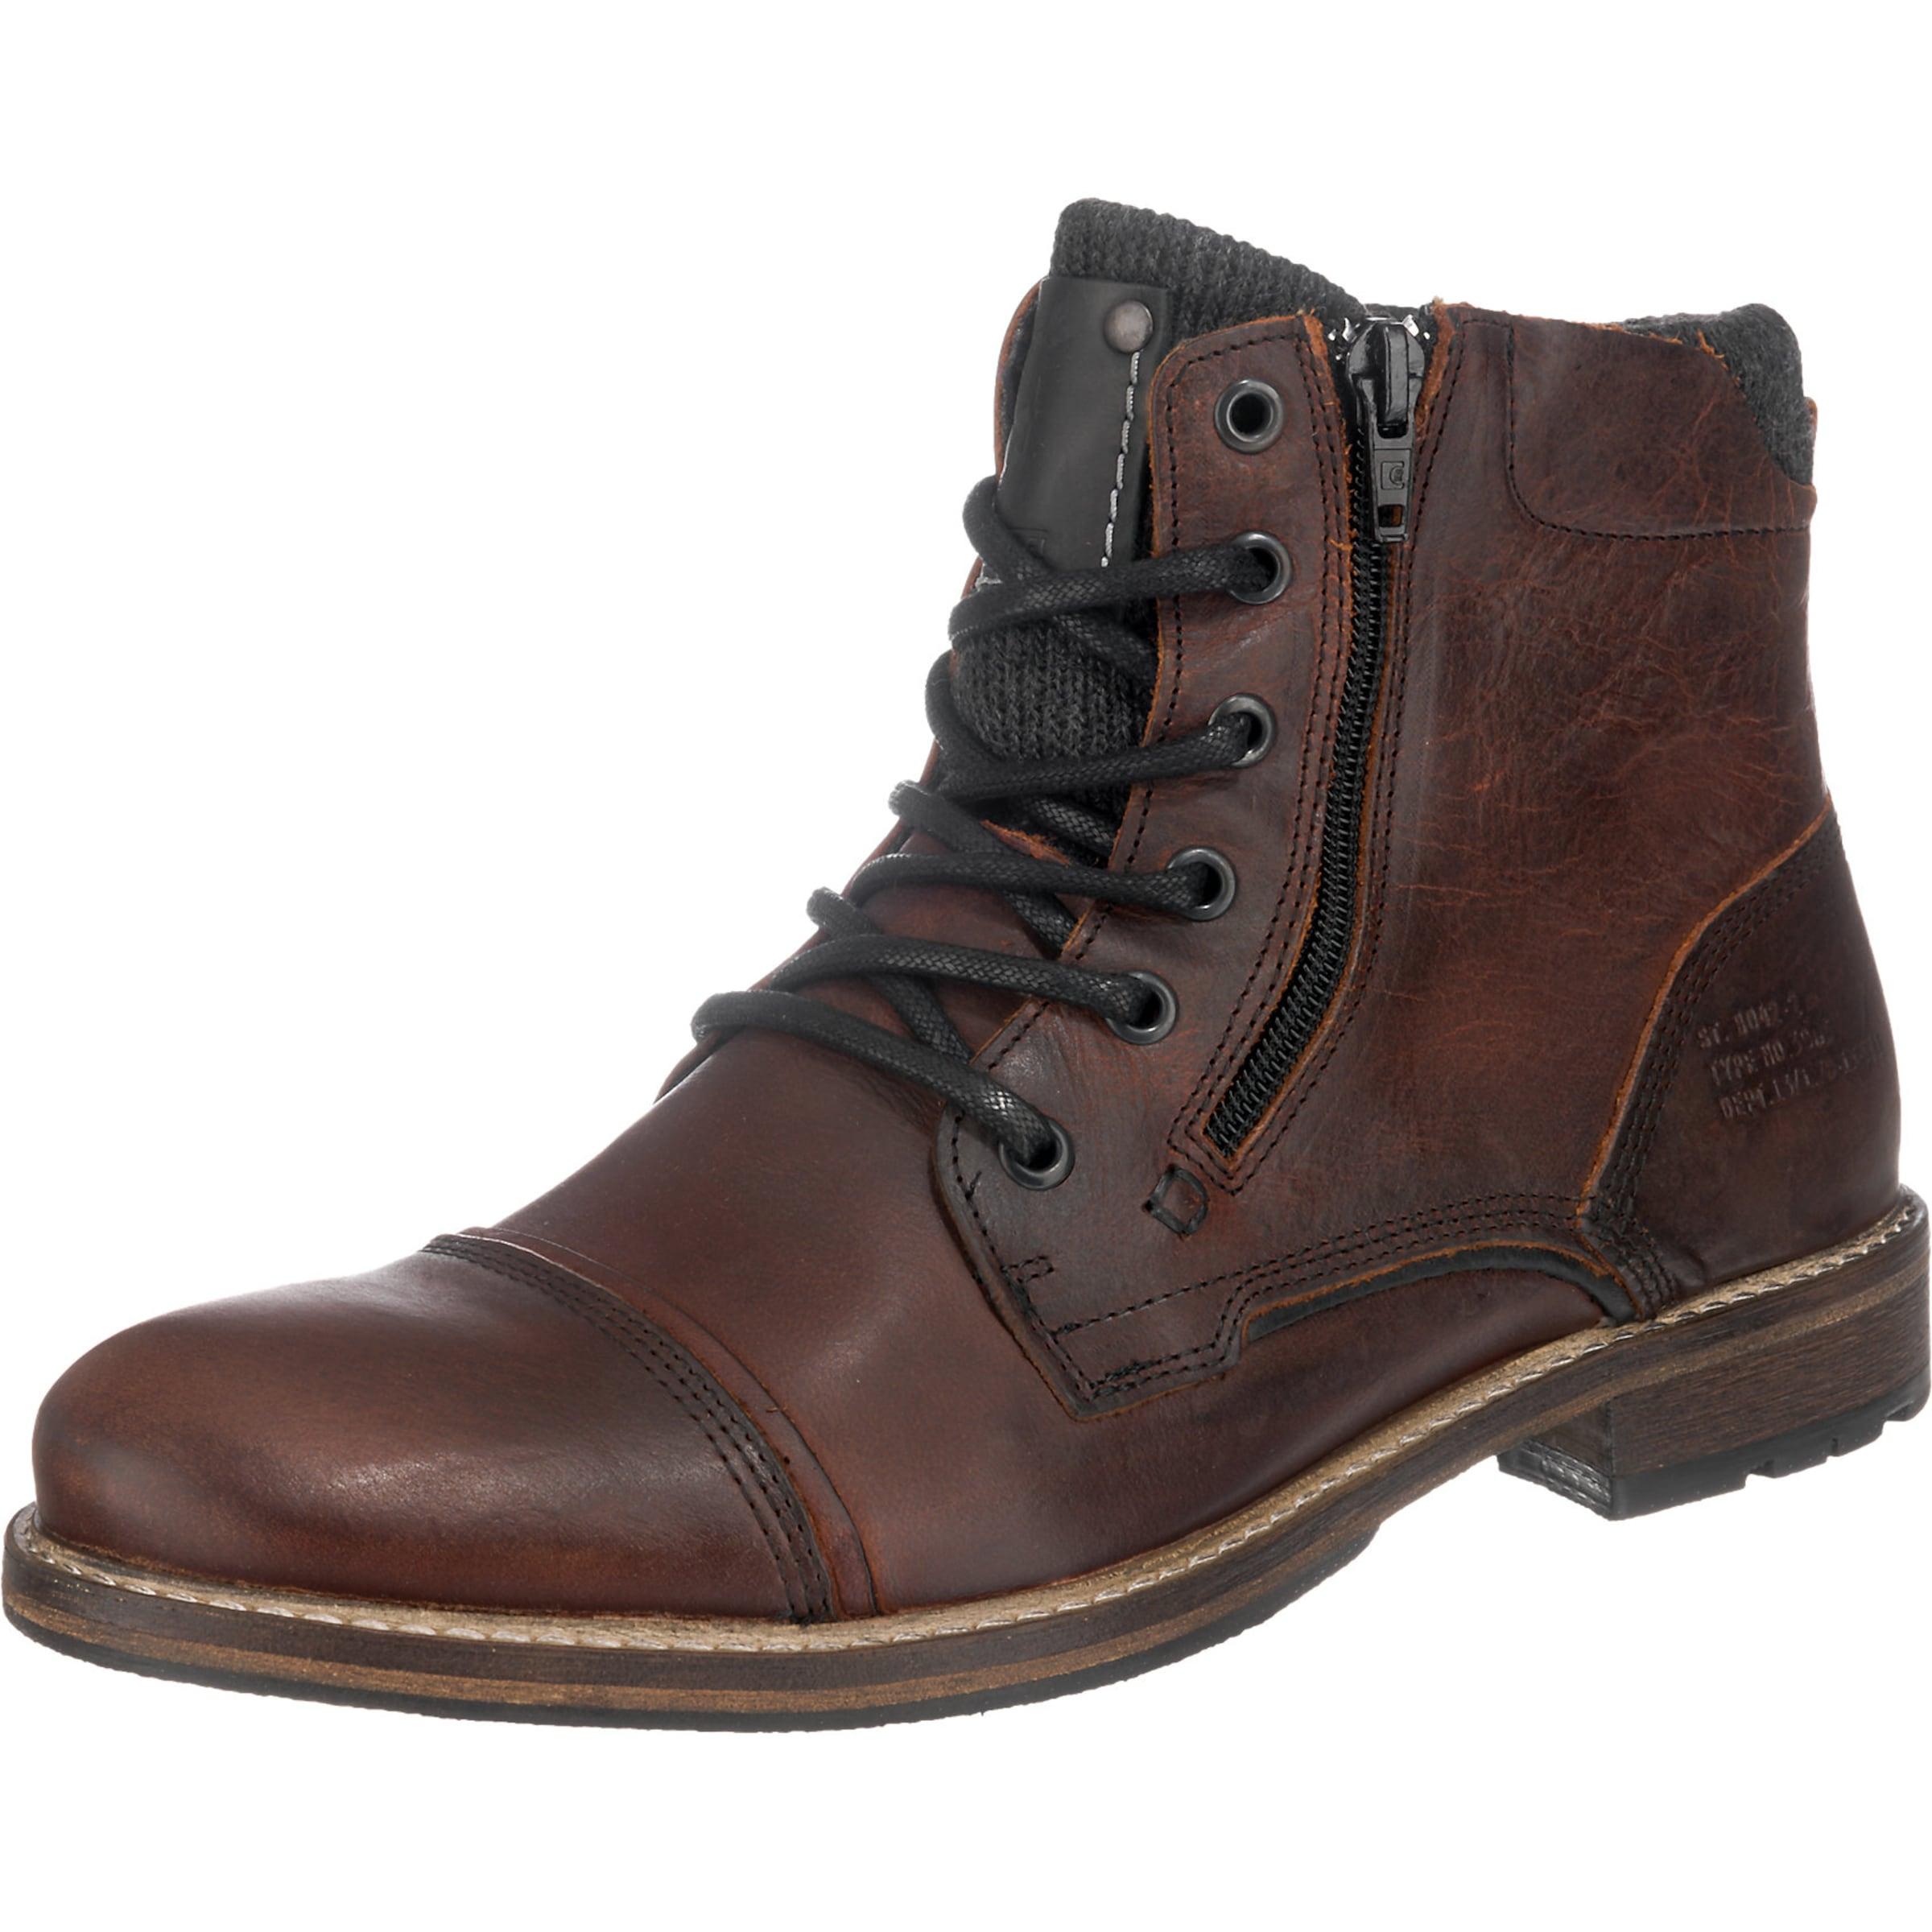 BULLBOXER Stiefel & Stiefeletten Verschleißfeste billige Schuhe